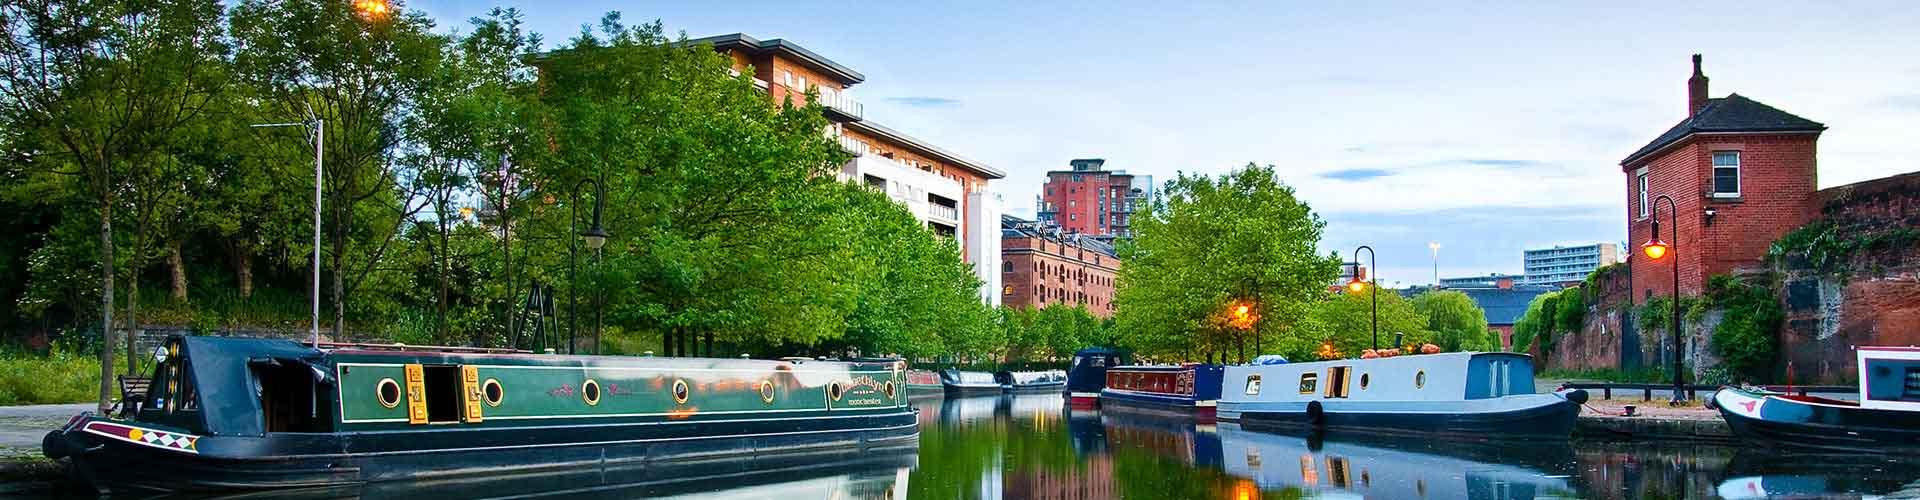 Manchester - Campamentos en el distrito Gorton. Mapas de Manchester, Fotos y comentarios de cada Campamento en Manchester.